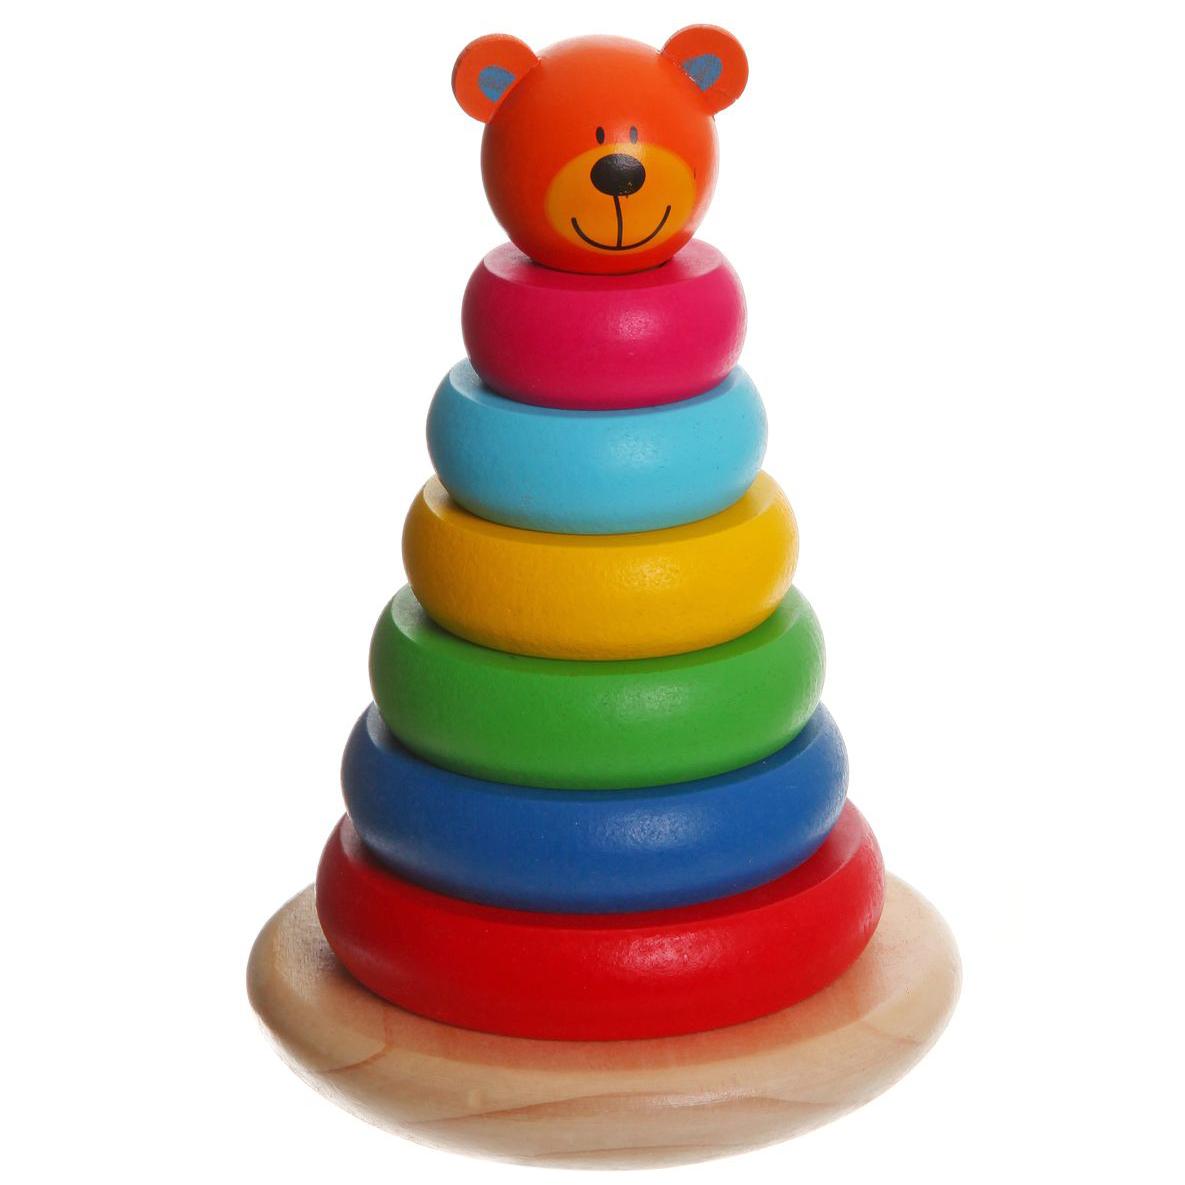 Bondibon Пирамидка МедвежонокВВ1103Мудрые родители выбирают для своих малышей игрушки, которые обучают малыша в процессе увлекательной игры, формируют его внутренний мир и не вредят здоровью. Деревянные развивающие игрушки, детали которых сделаны из различных пород дерева – клена, можжевельника, березы – это не просто яркий предмет, способный надолго увлечь ребенка, но и его первый учитель, рассказывающий о мире на интуитивно понятном крохе языке.